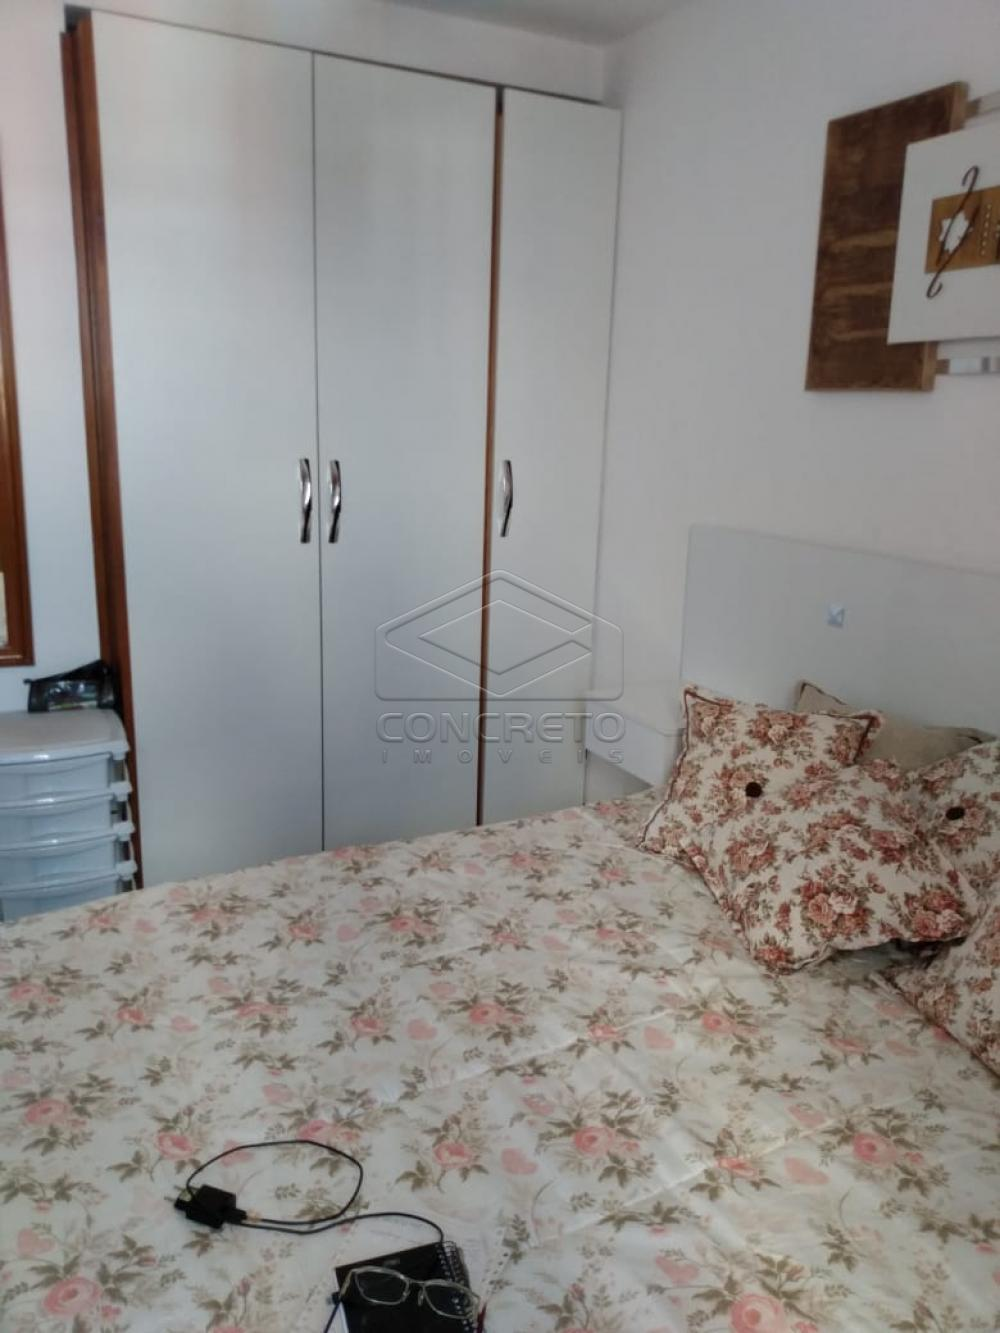 Comprar Apartamento / Padrão em Bauru R$ 220.000,00 - Foto 16